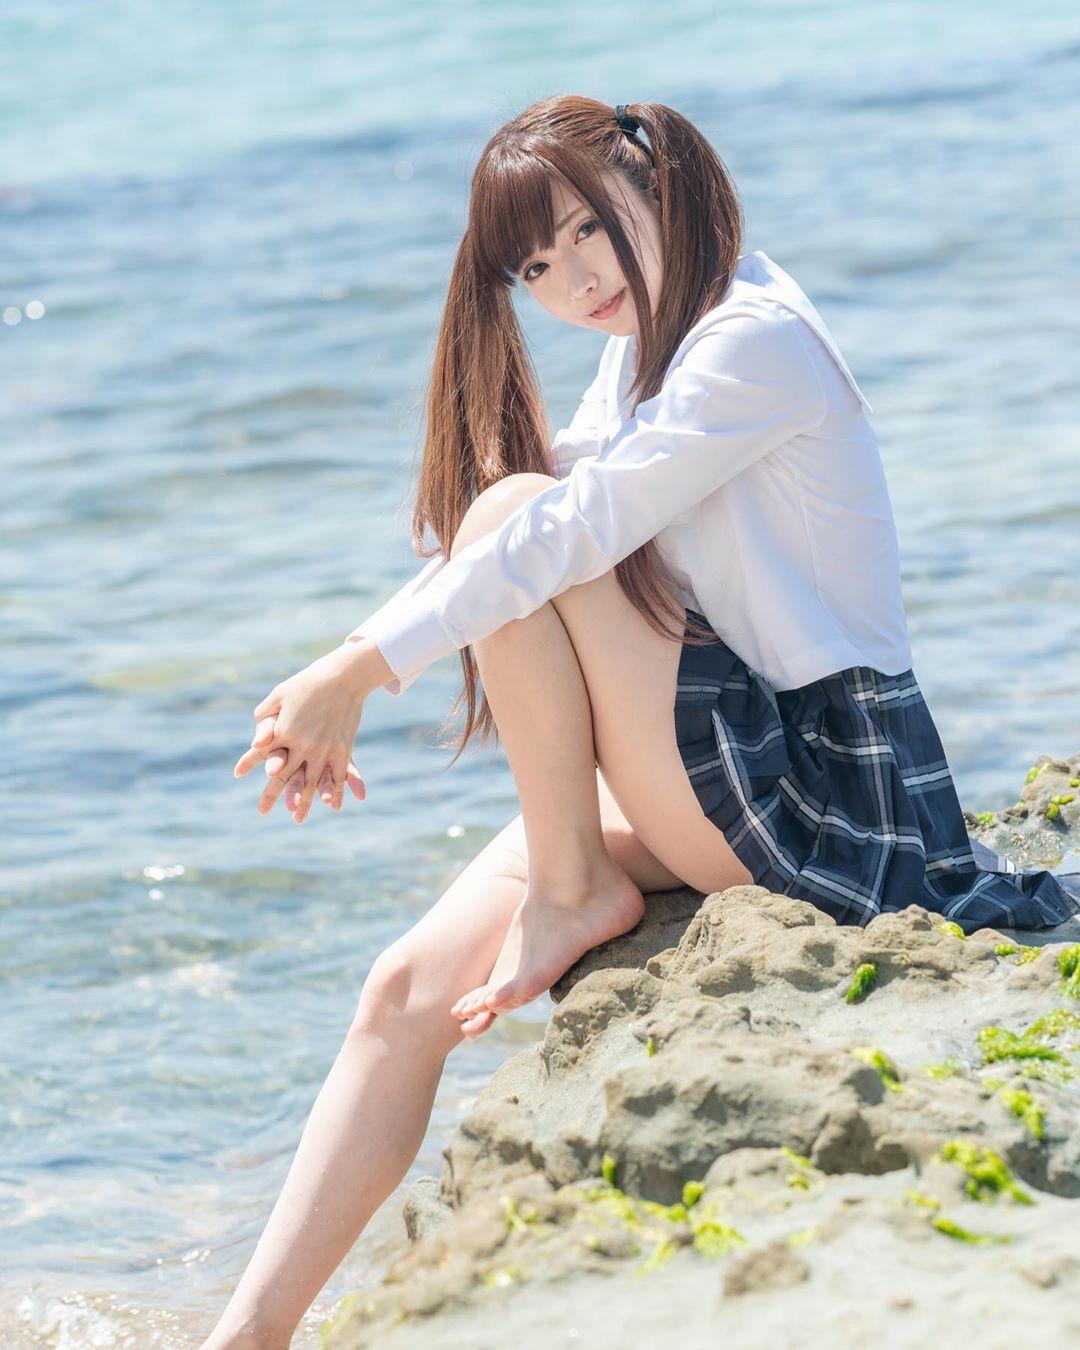 制服美少女 抱膝坐海邊💞